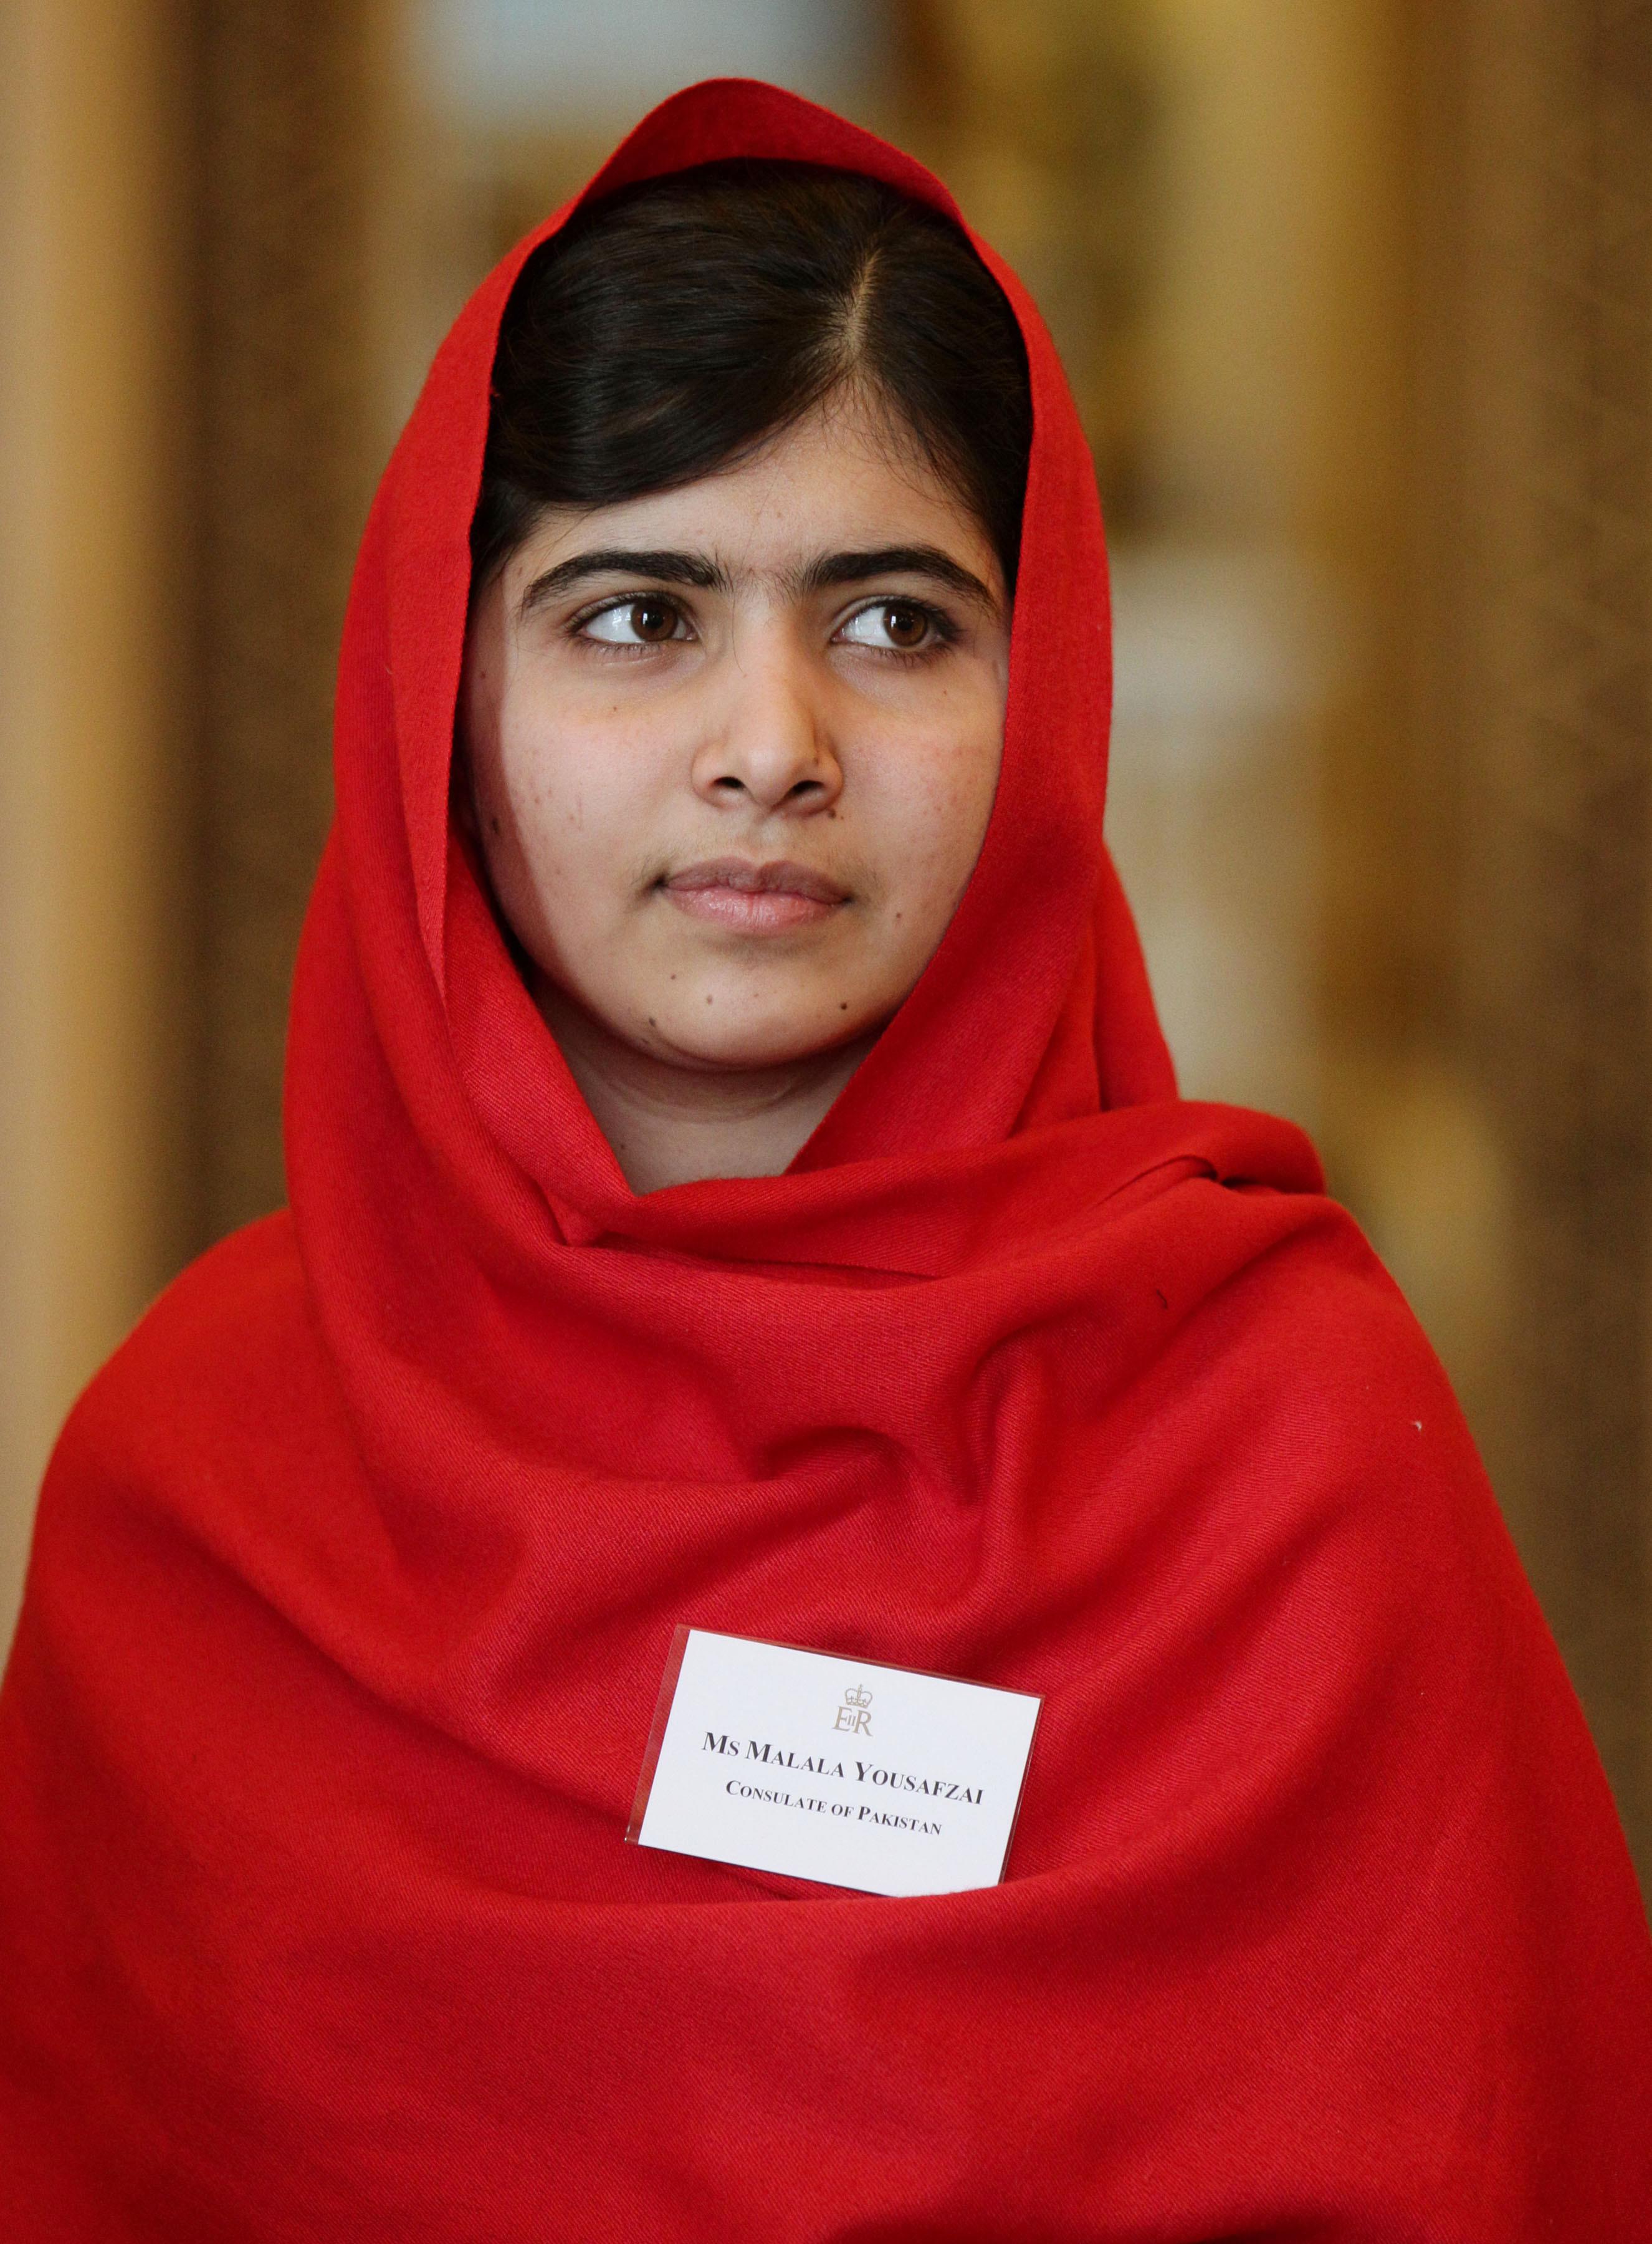 Computer Malala Yousafzai Wallpapers Desktop Backgrounds 2651x3600